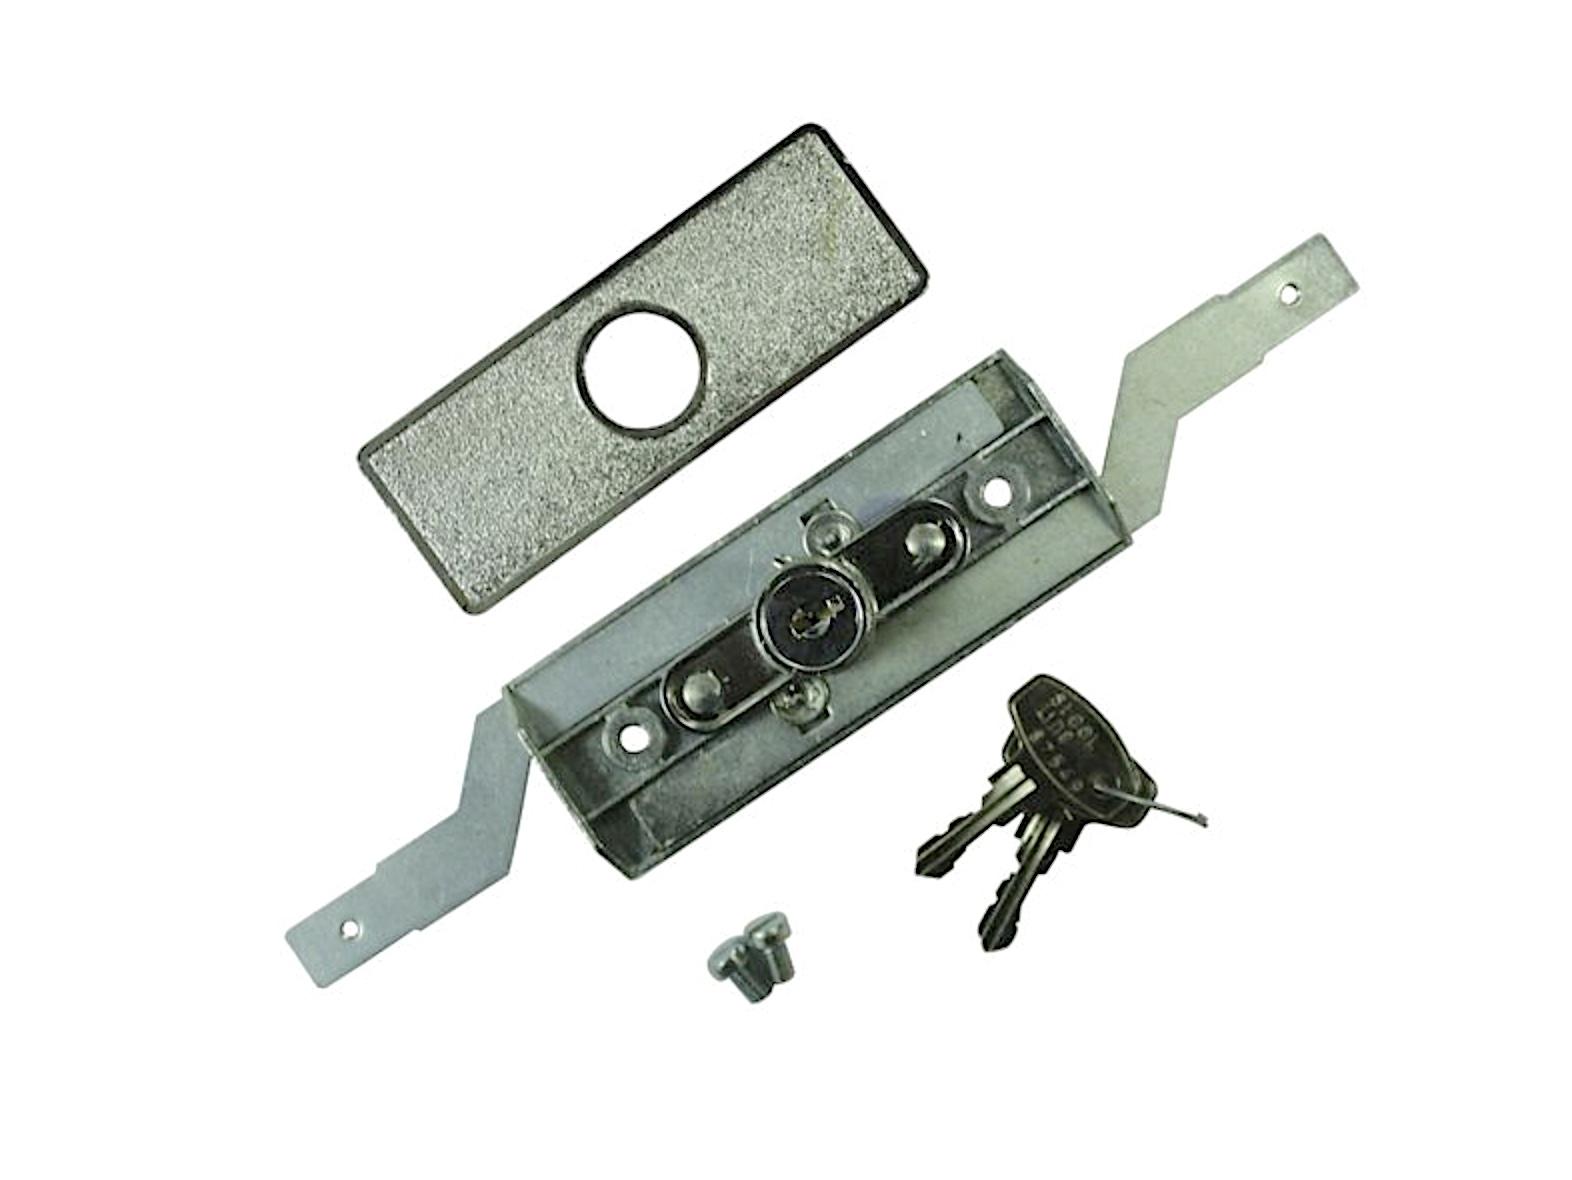 Steel Line Roller Shutter Amp Garage Door Lock Silver Cover